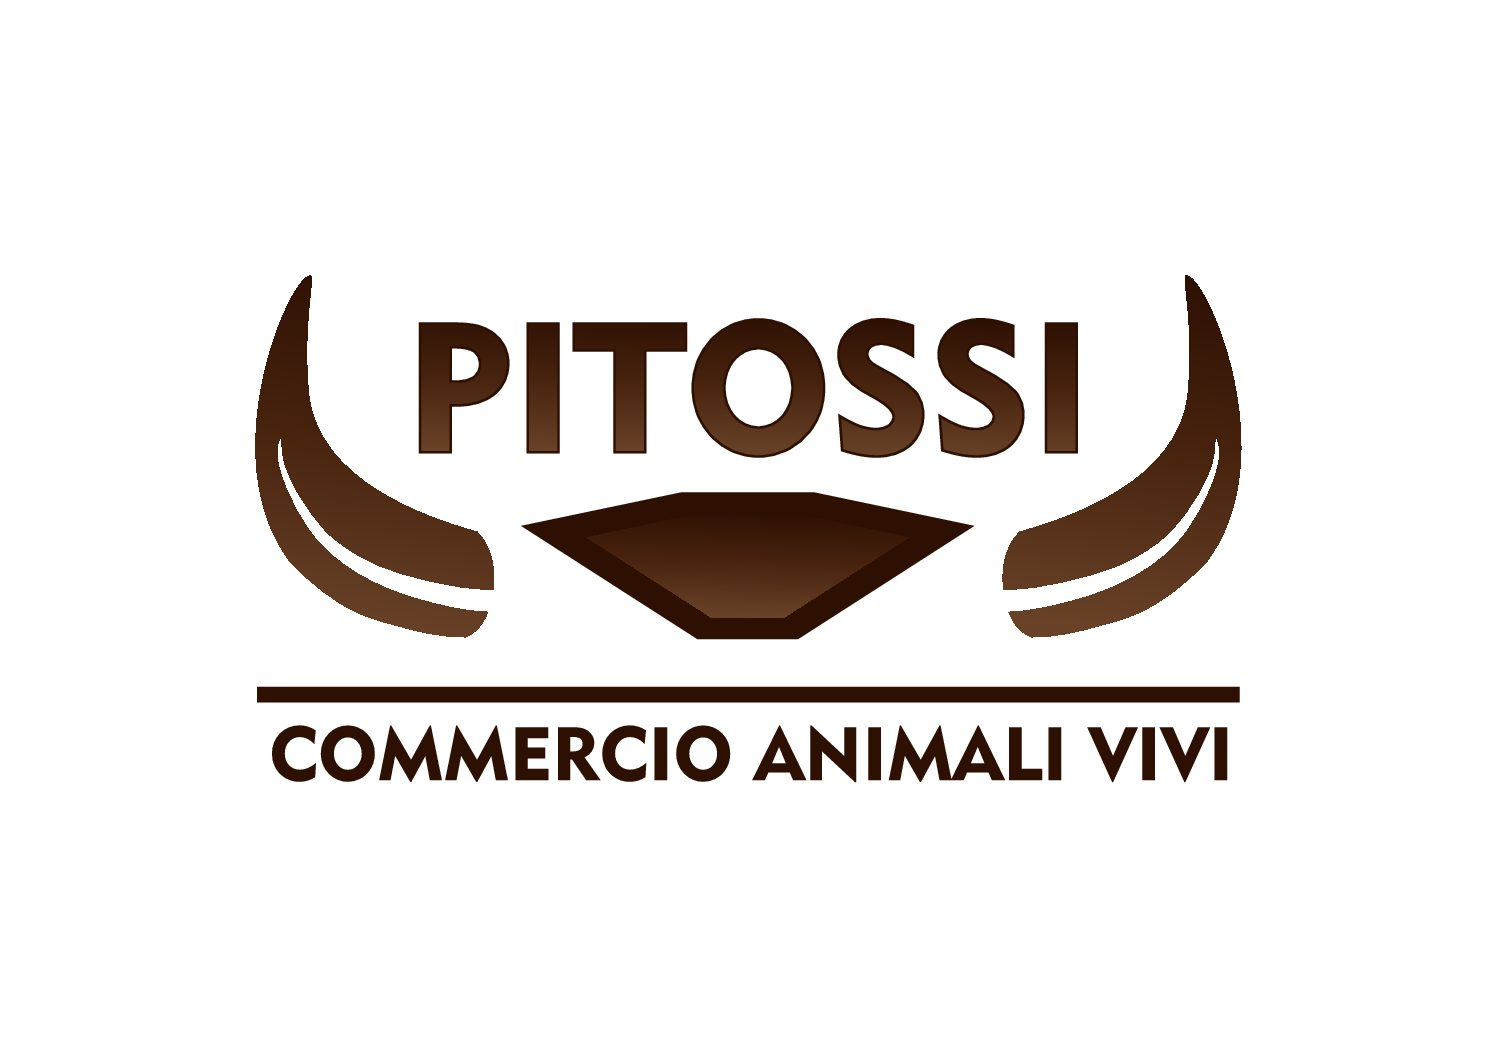 Pitossi commercio animali vivi